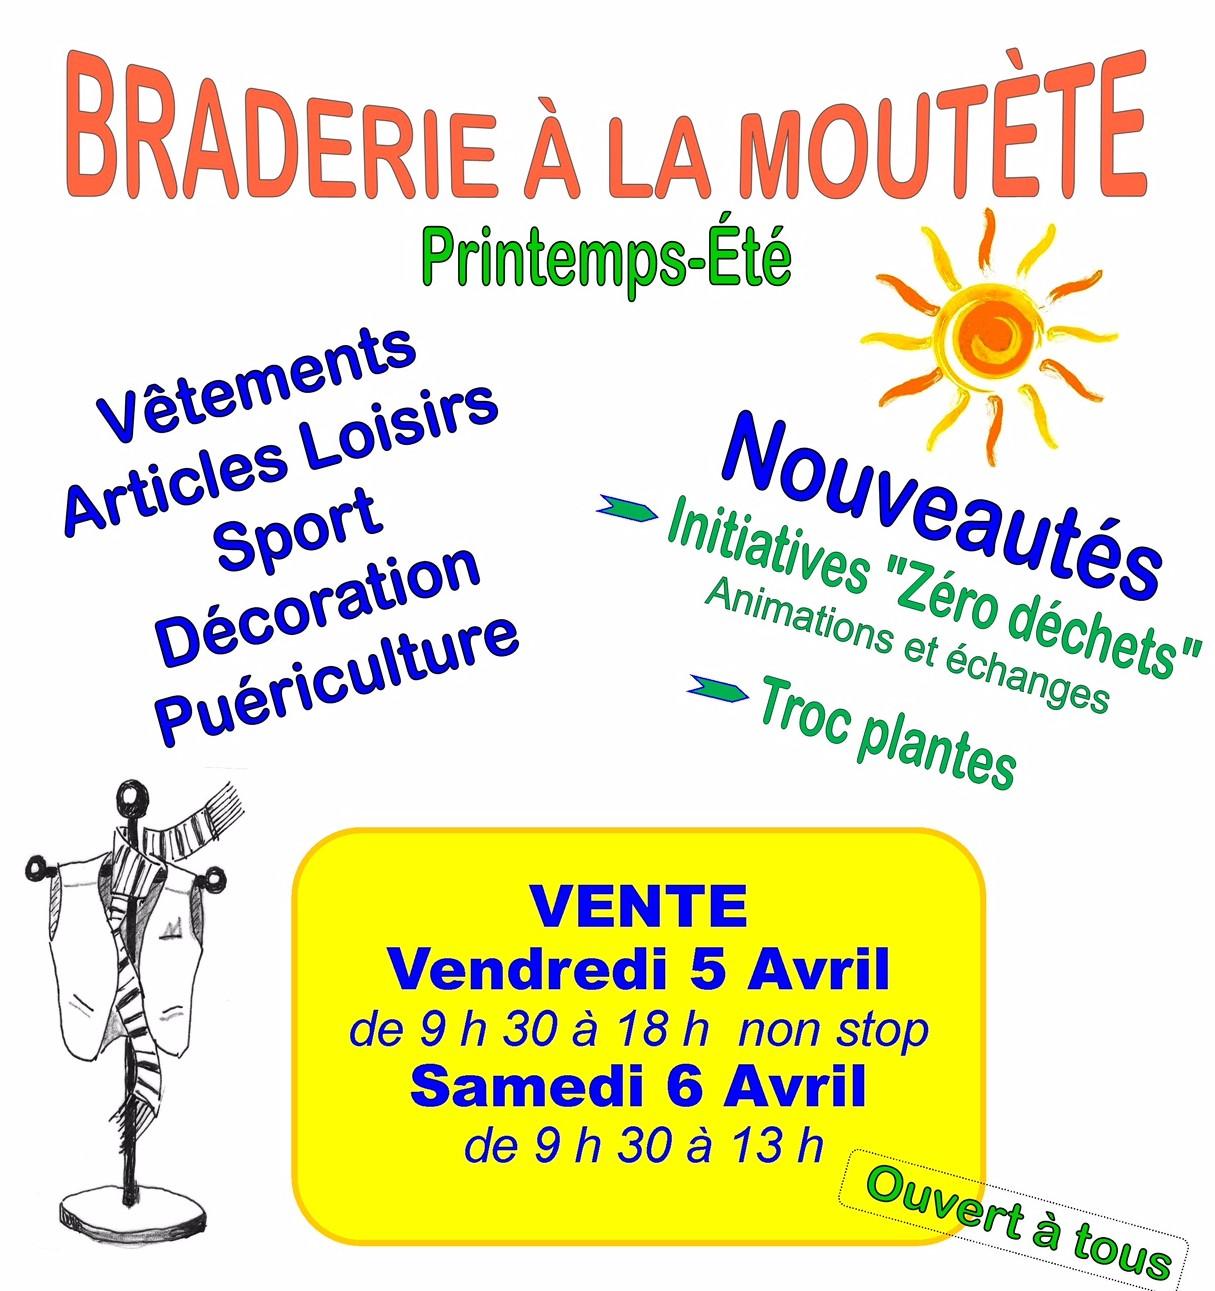 Braderie familiale Printemps/Eté - ORTHEZ